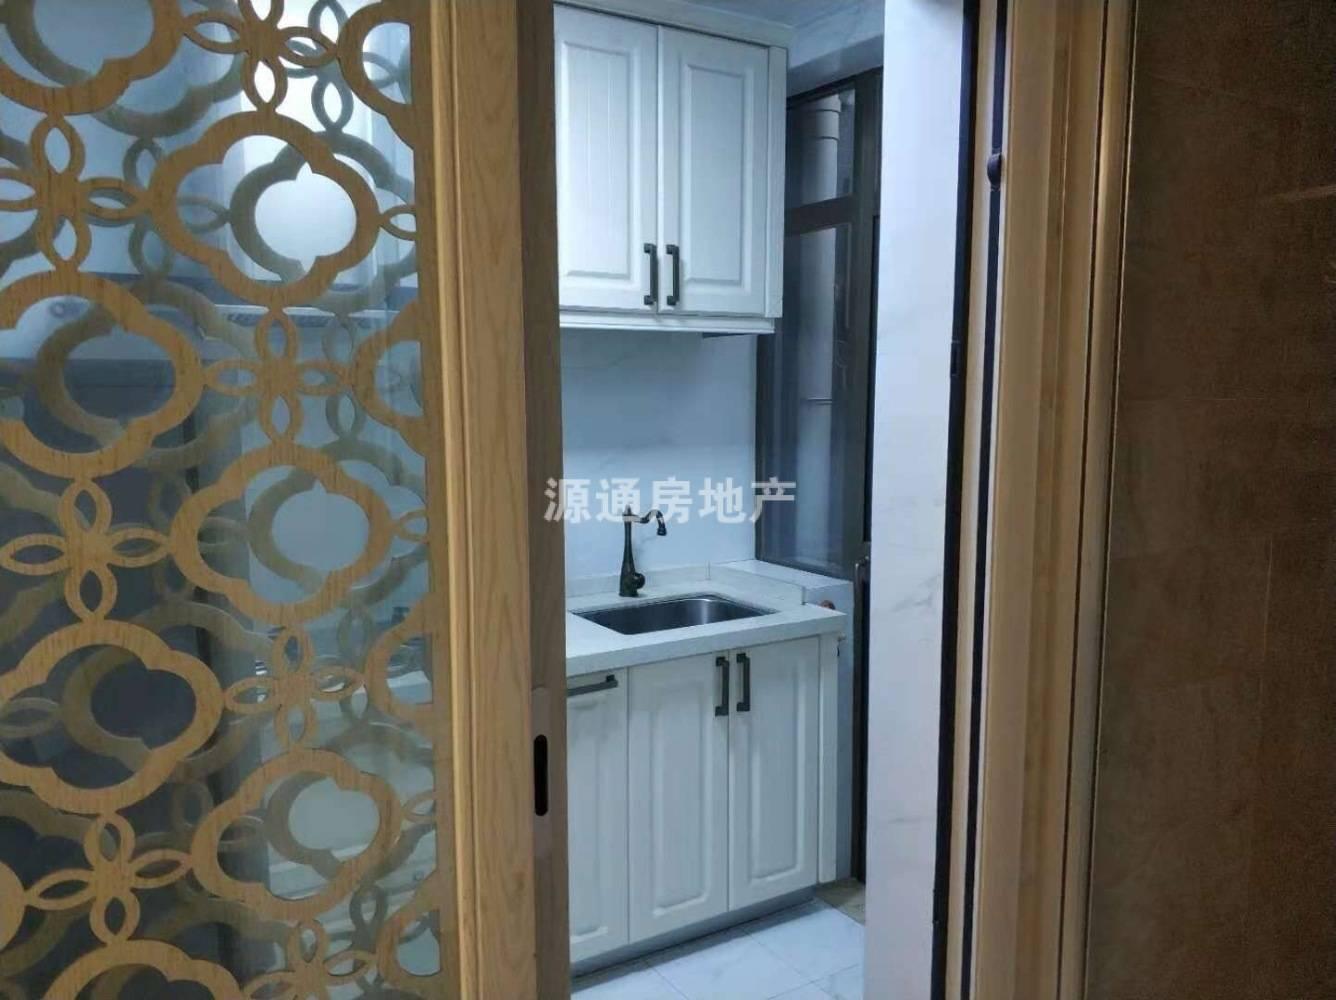 丽日银座57平豪华装修一房一厅 高档家私家电 随时欢迎看房